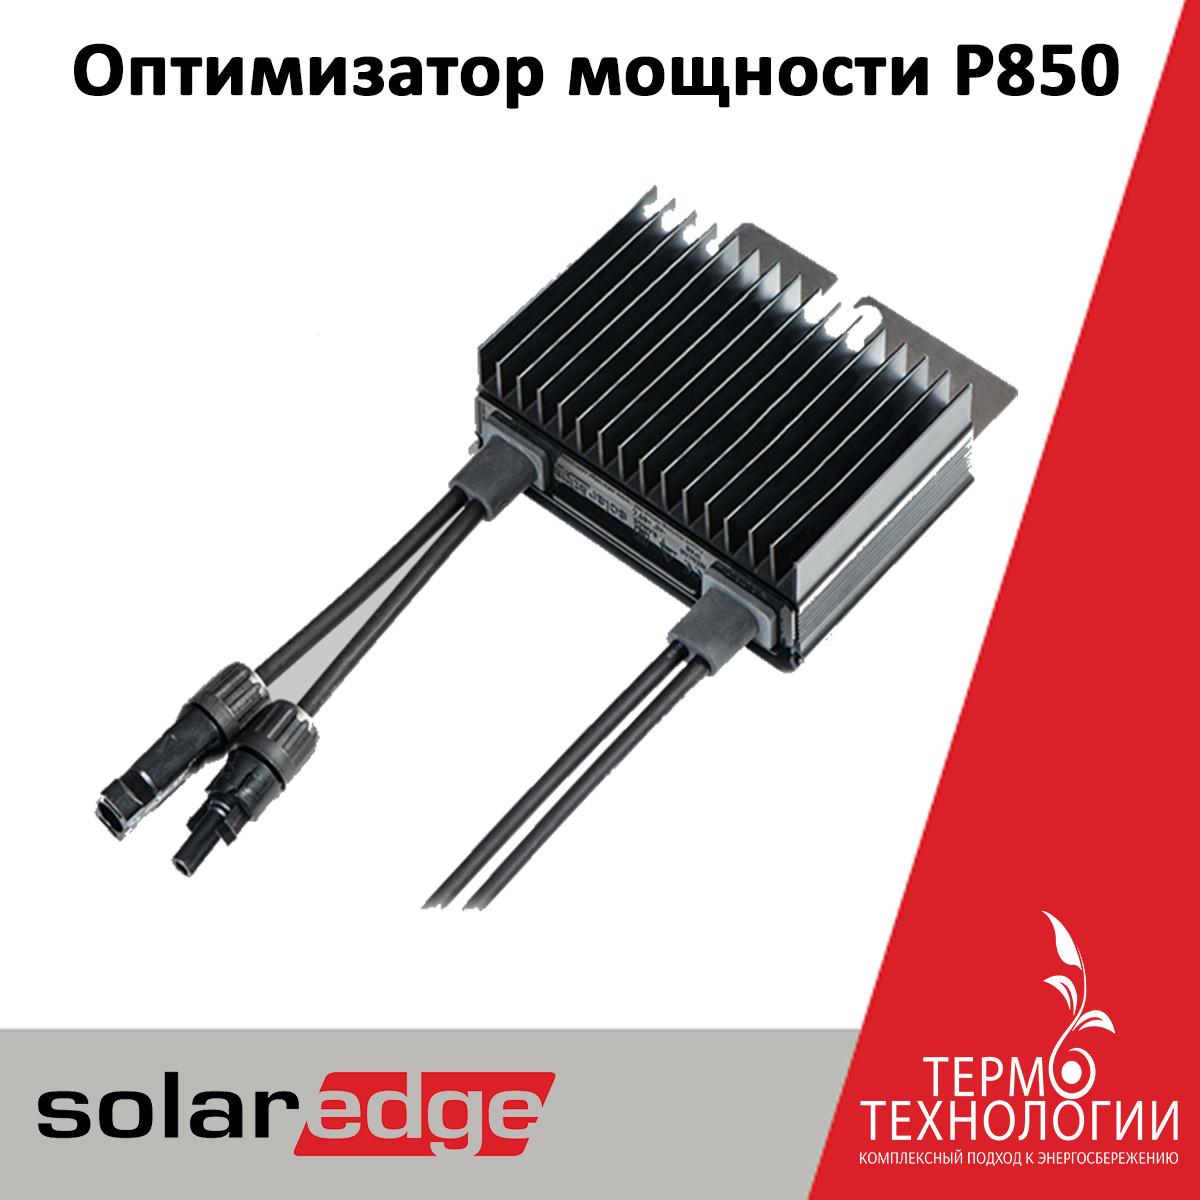 Оптимизатор мощности SolarAdge P850, для 2 ФЭМ по 60 элементов